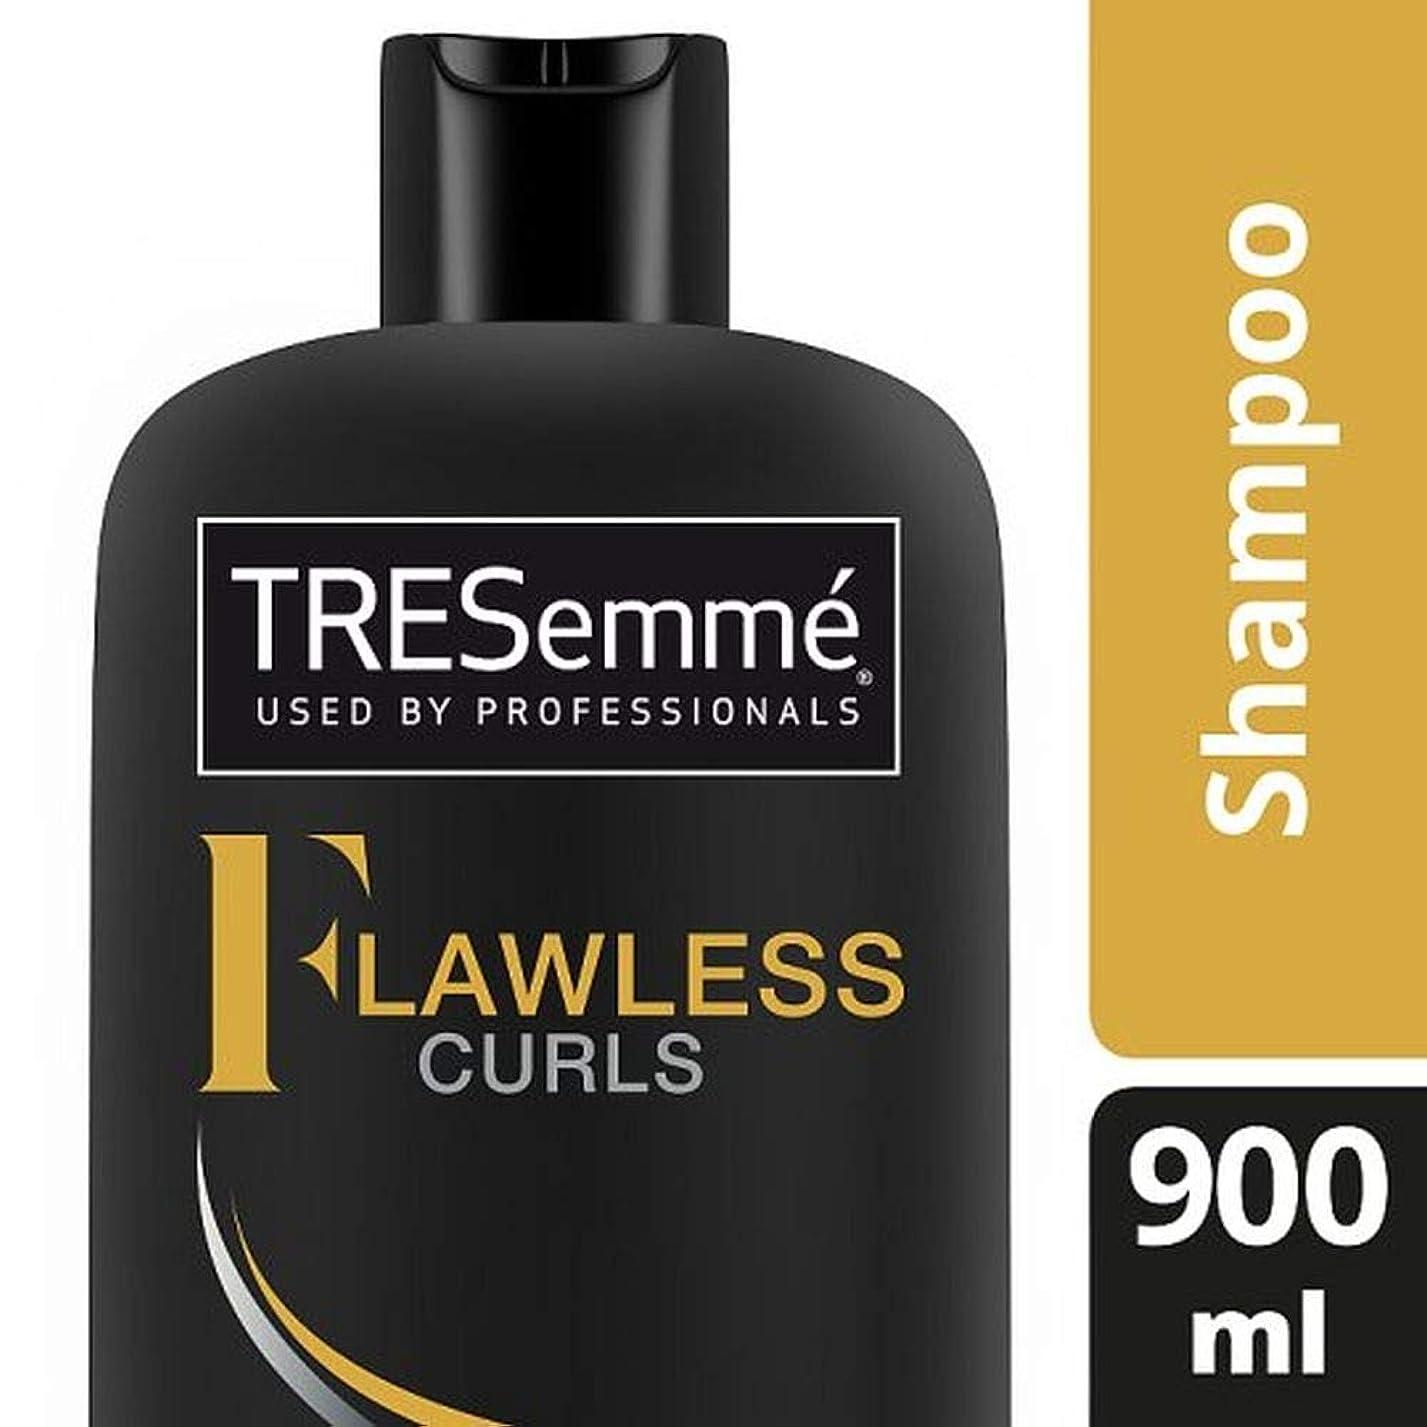 コンクリート行為ホーム[Tresemme] Tresemme金シャンプー900ミリリットル - Tresemme Gold Shampoo 900Ml [並行輸入品]